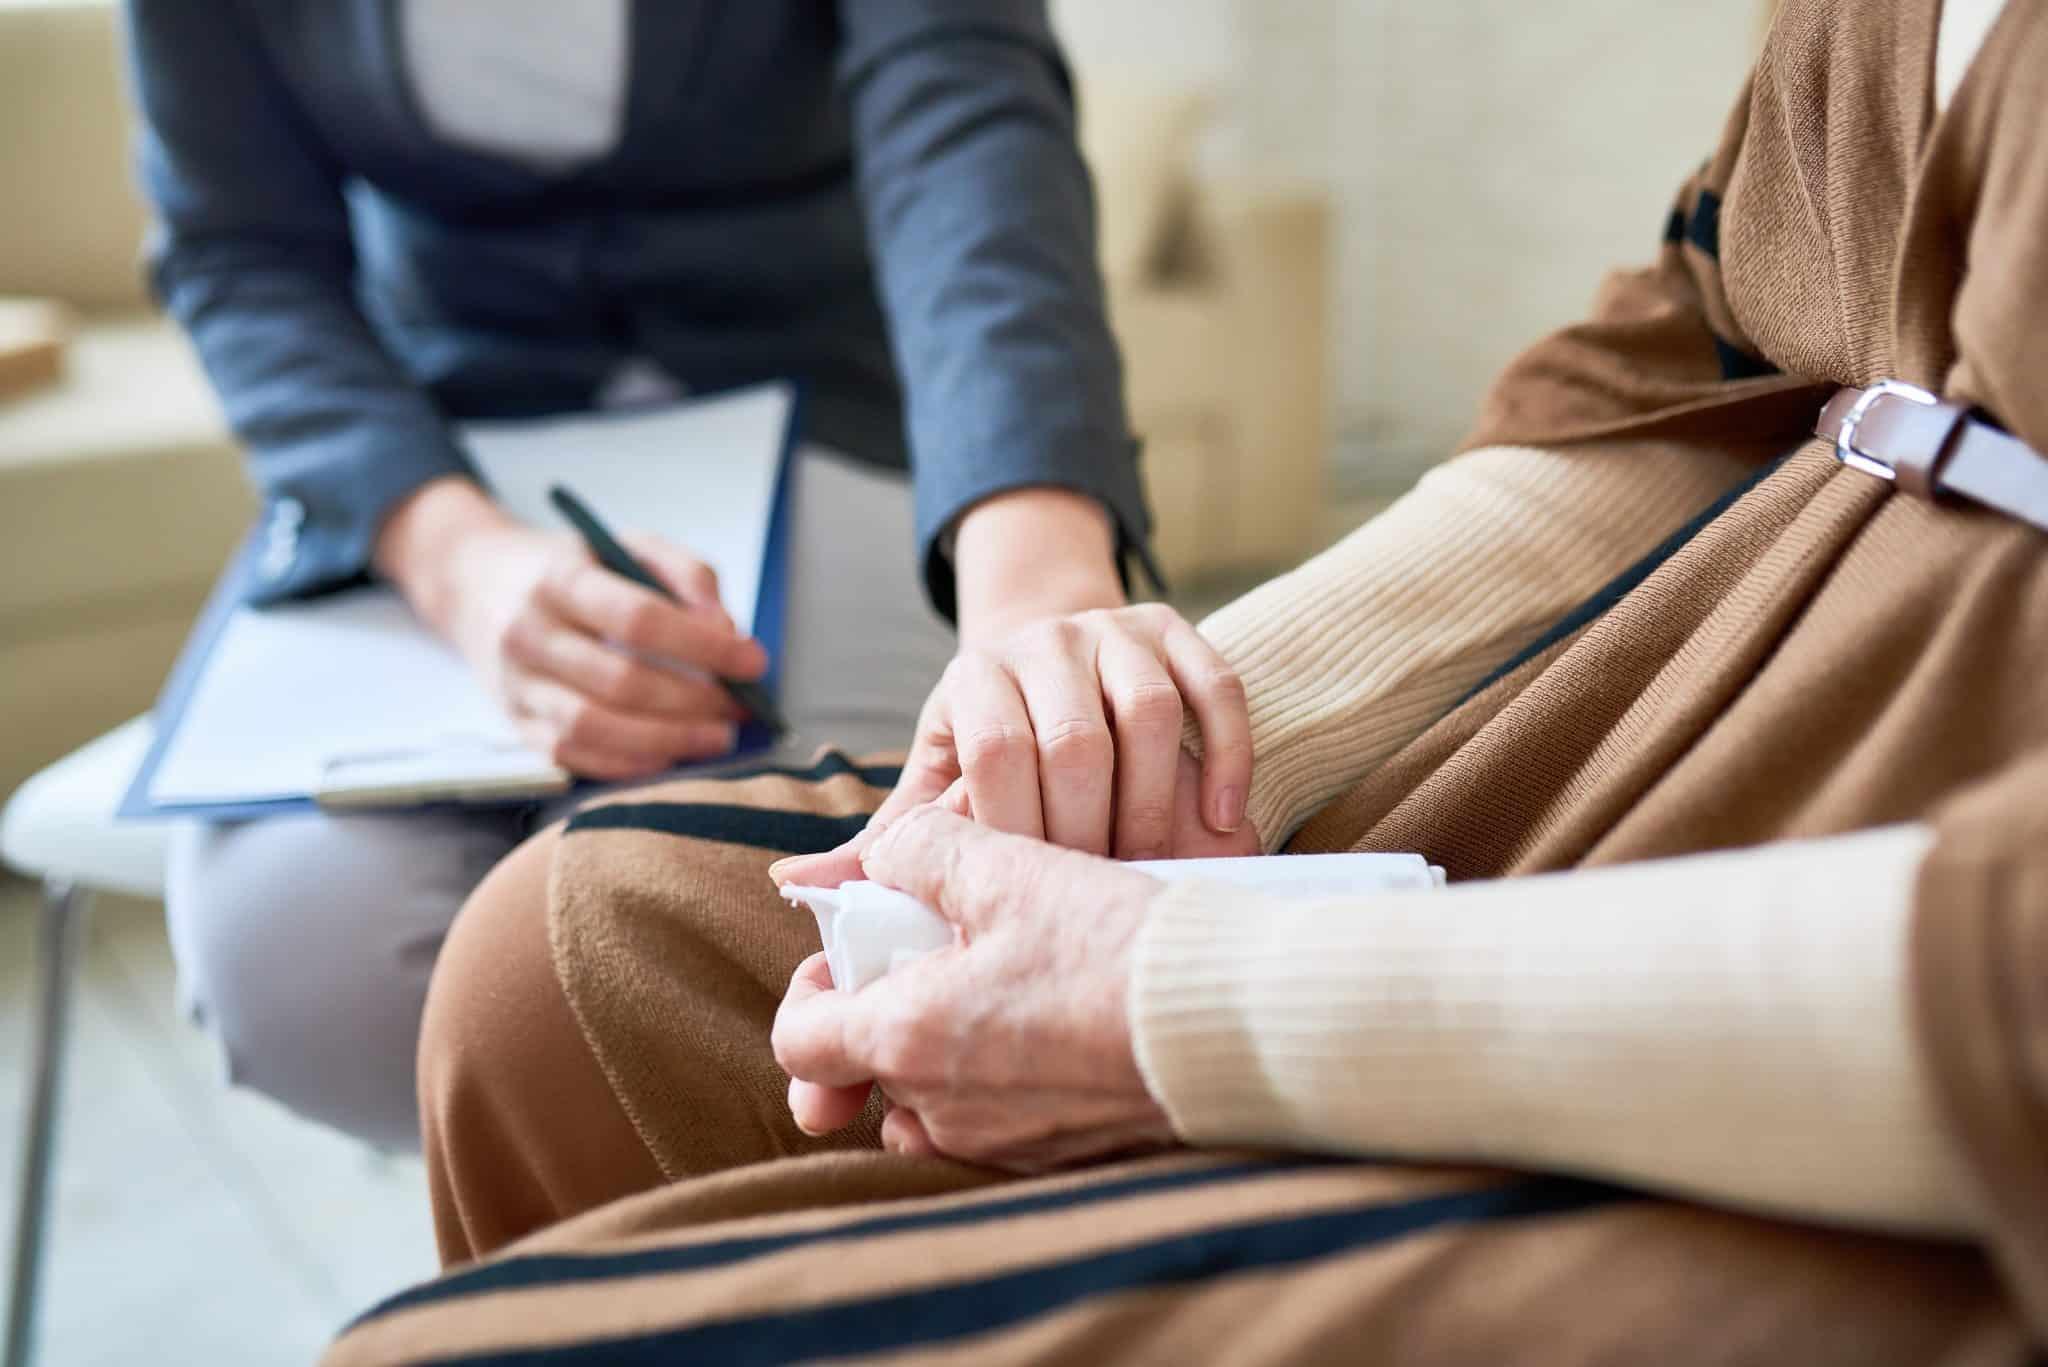 Therapeutin behandelt die Sprechstörungen eines Mannes